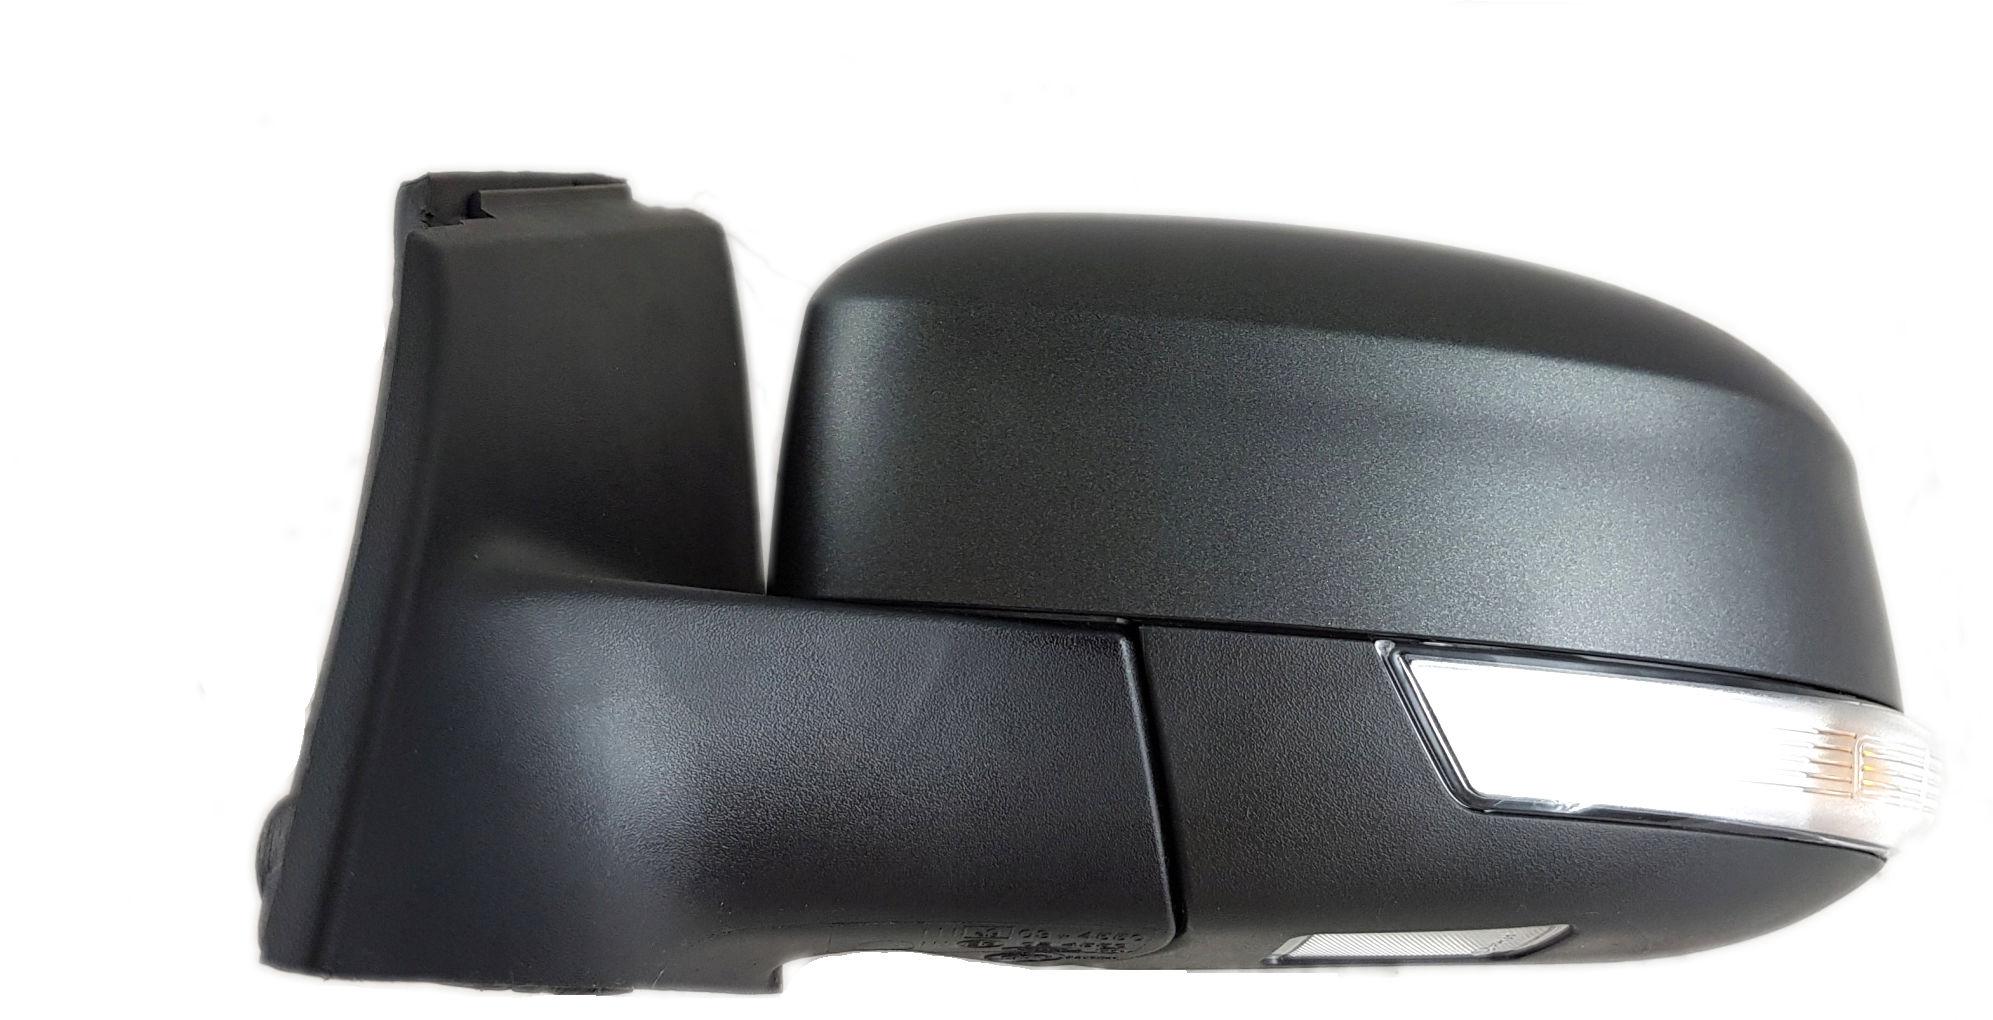 1x Nowe Oryginalne Lusterko Zewnętrzne Kierunkowskazem Ford Focus MK3 III Lift BM5117683YA - ABSOLUTE BLACK (MAT )